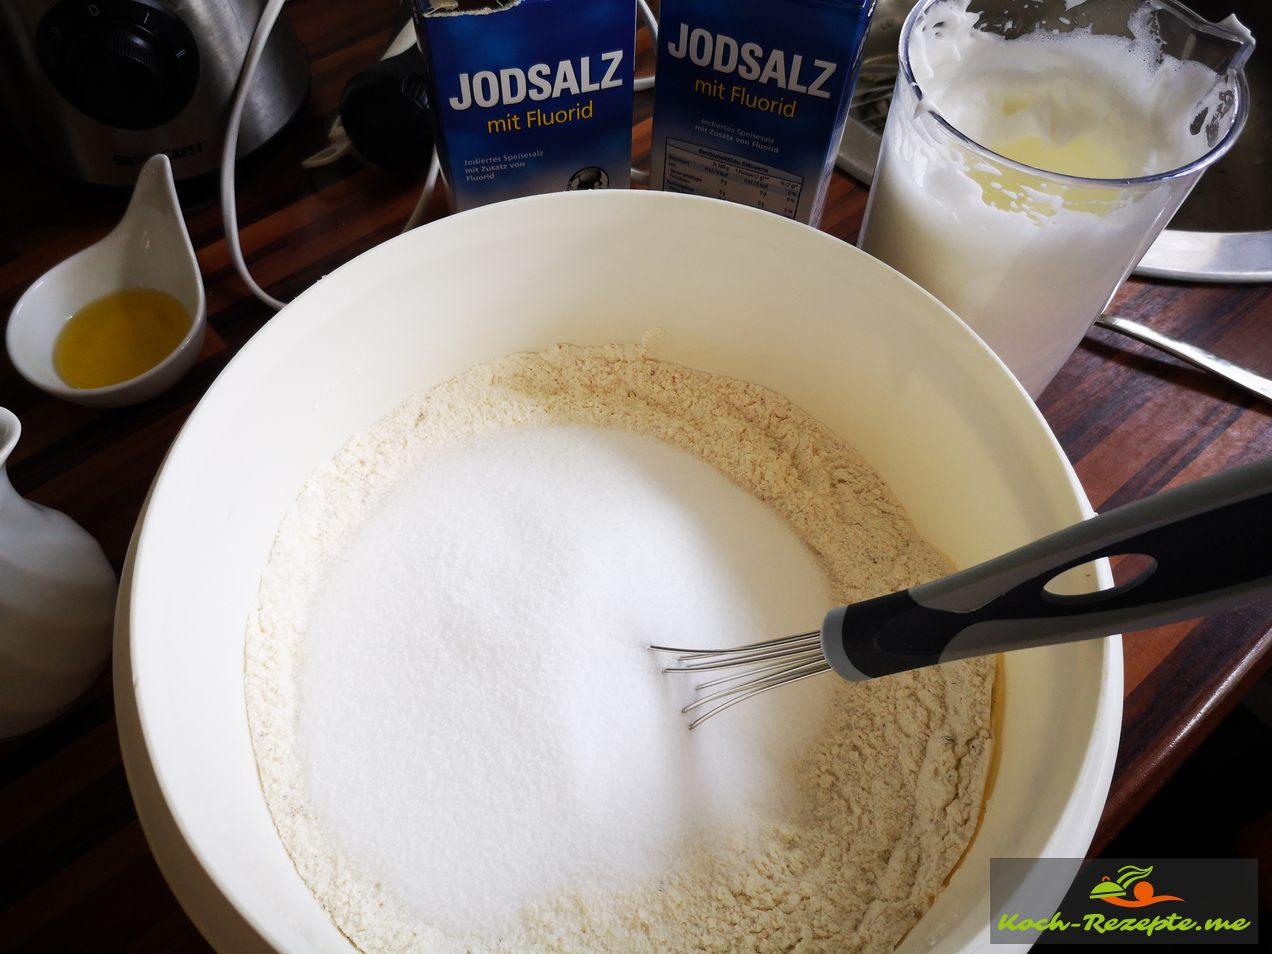 Mehl,Salz und Kräuter vermischen für Sellerieknolle backen im Salzmehlteig Mantel.